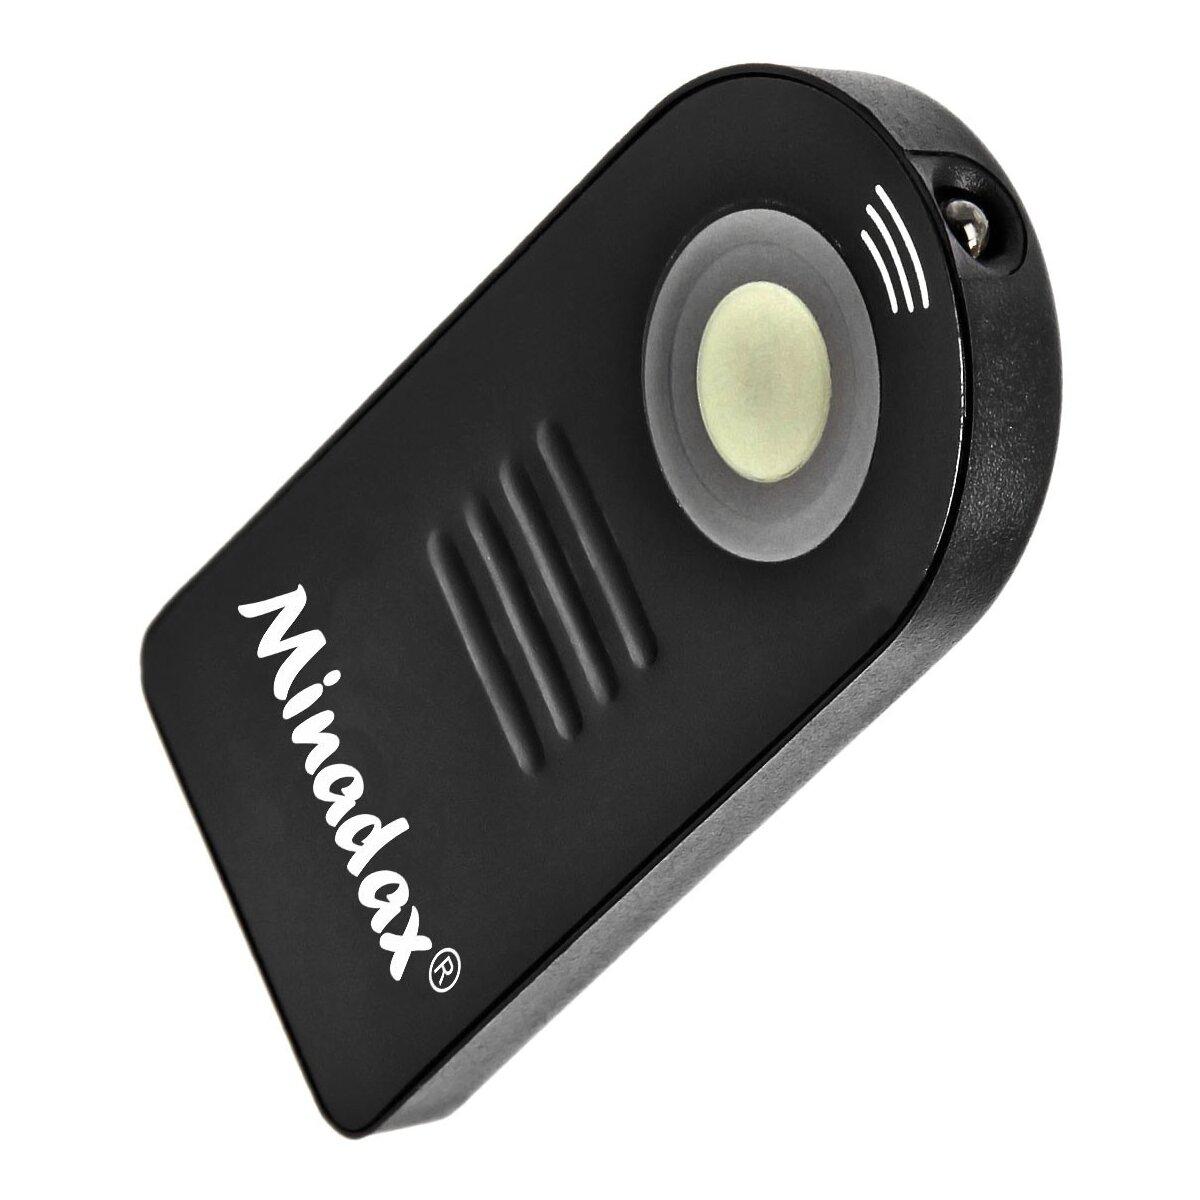 Infrarot Fernausloeser fuer Nikon D90 D80 D60 D50 D40 D5000 D5100 wie ML-L3